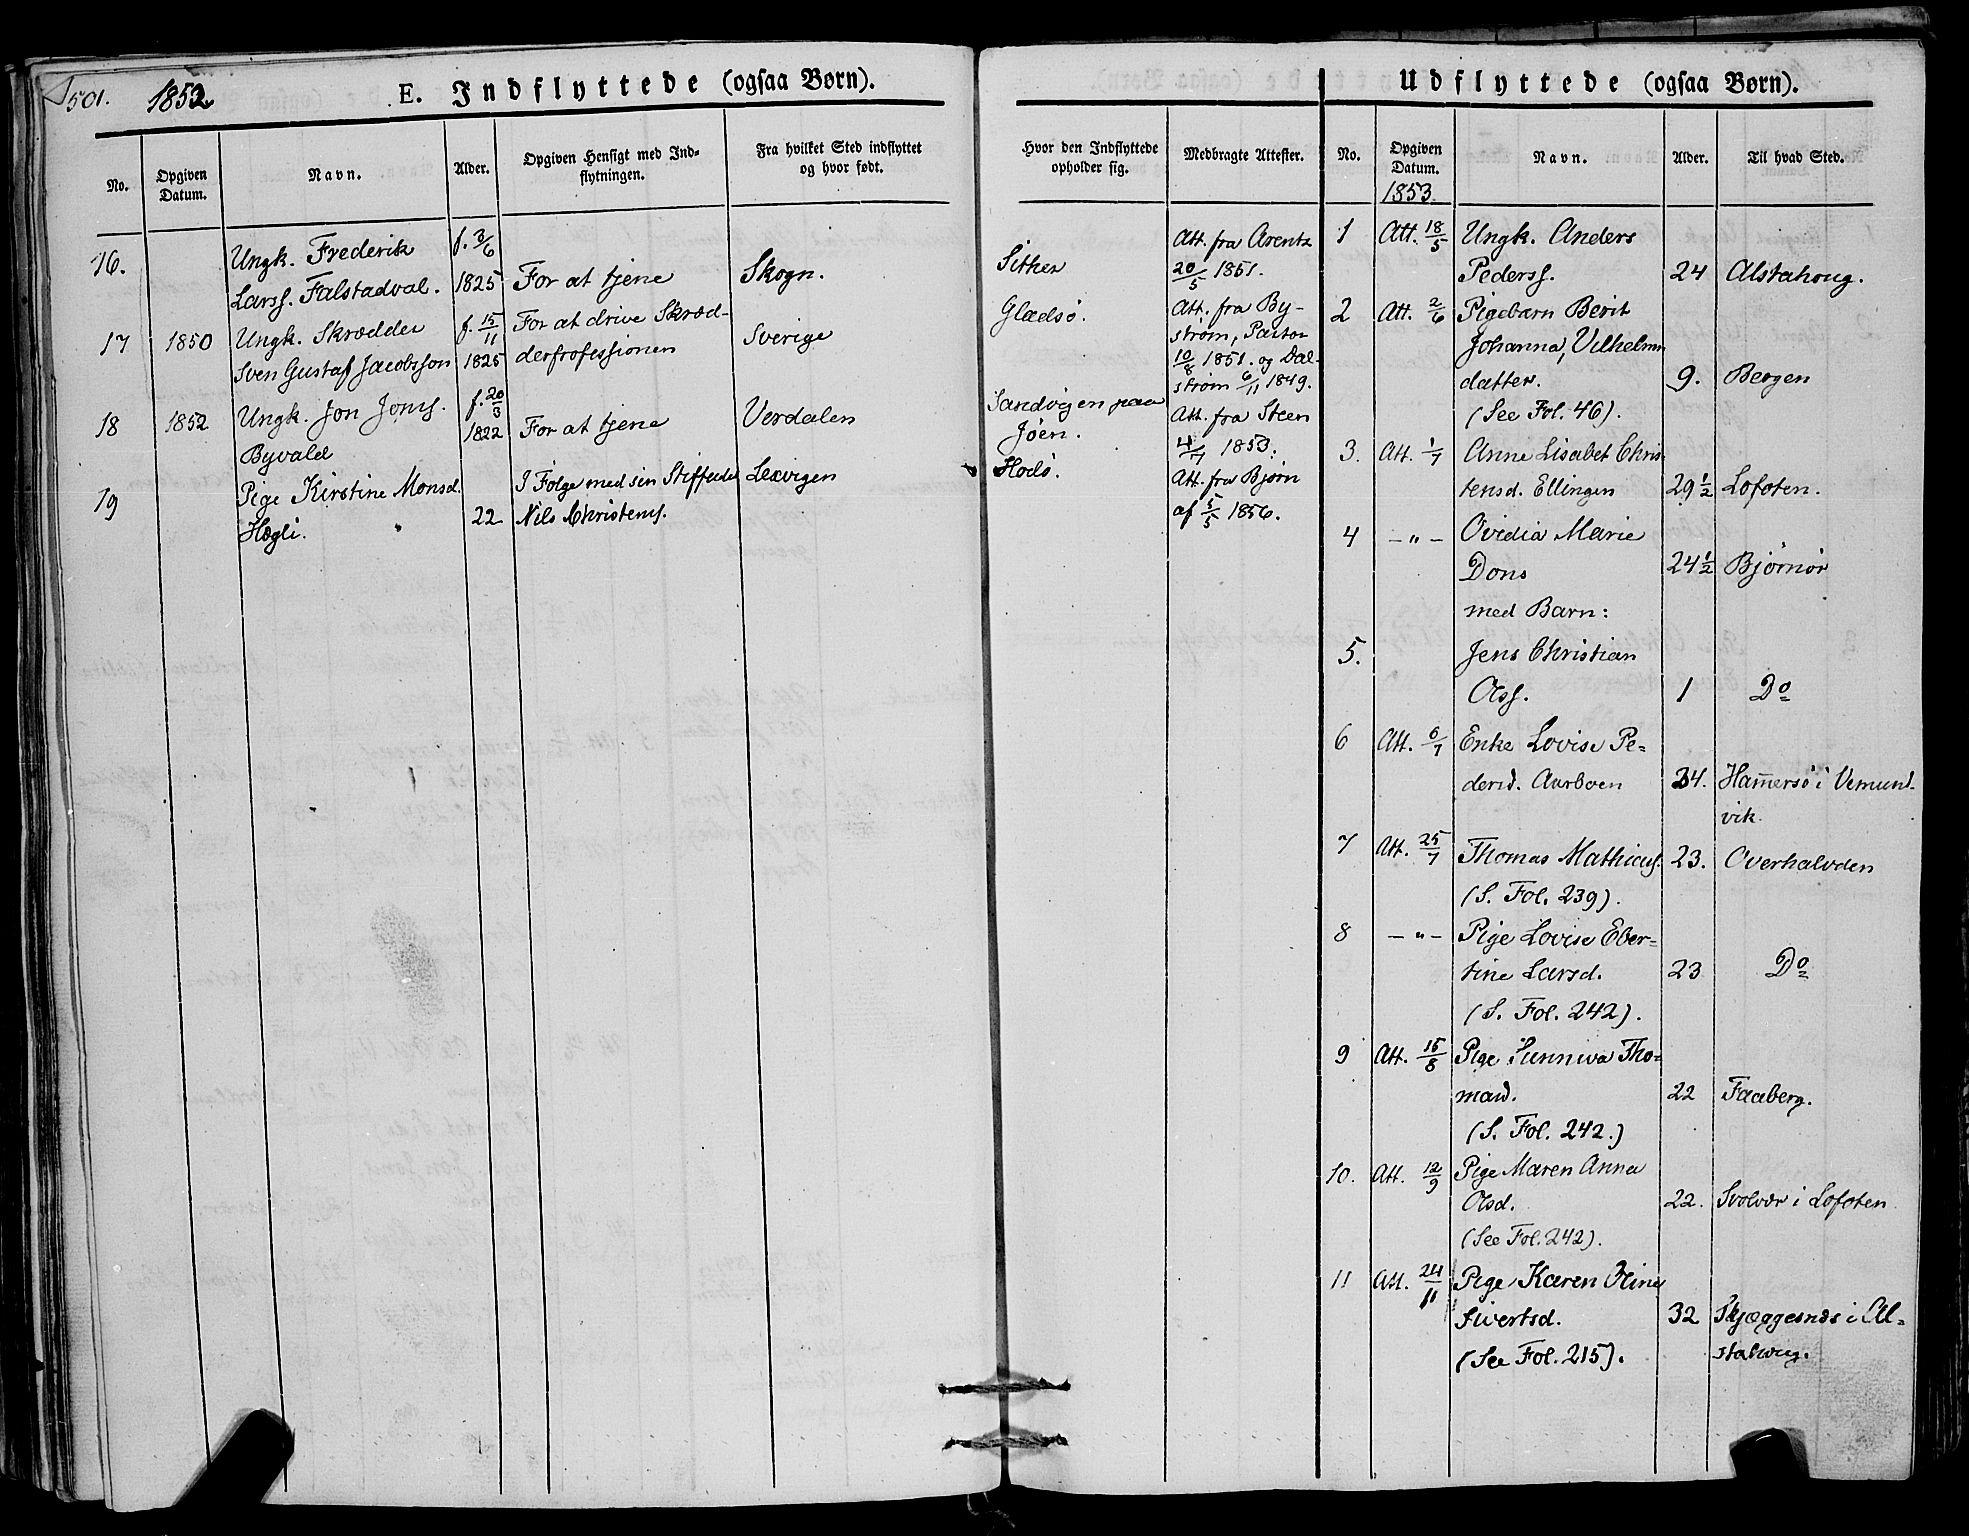 SAT, Ministerialprotokoller, klokkerbøker og fødselsregistre - Nord-Trøndelag, 773/L0614: Ministerialbok nr. 773A05, 1831-1856, s. 501